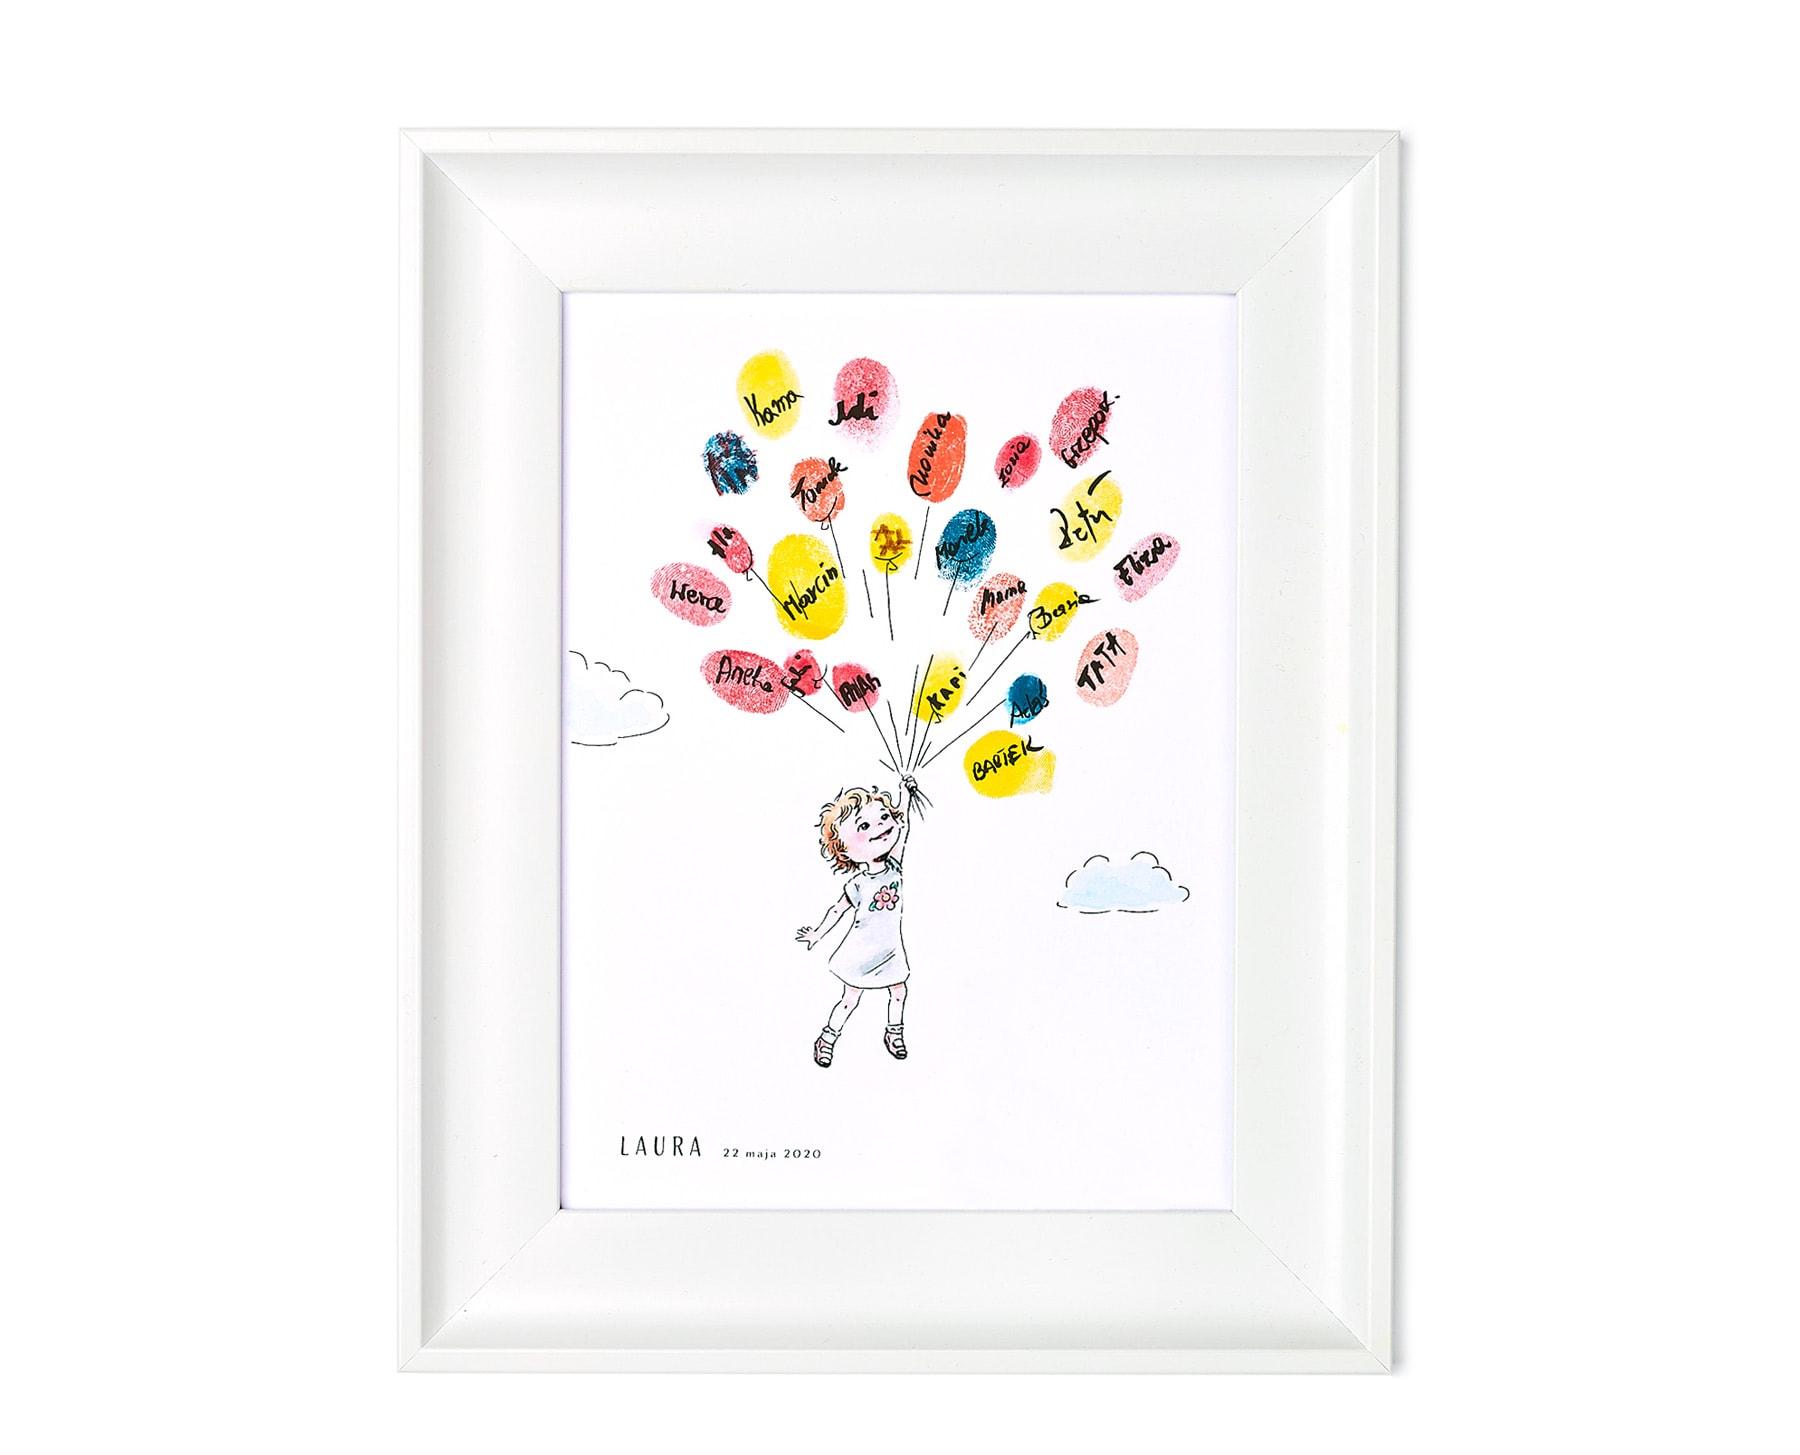 pamiątka urodzinowa dla dziecka, obrazek na odciski palców do powieszenia na ścianę